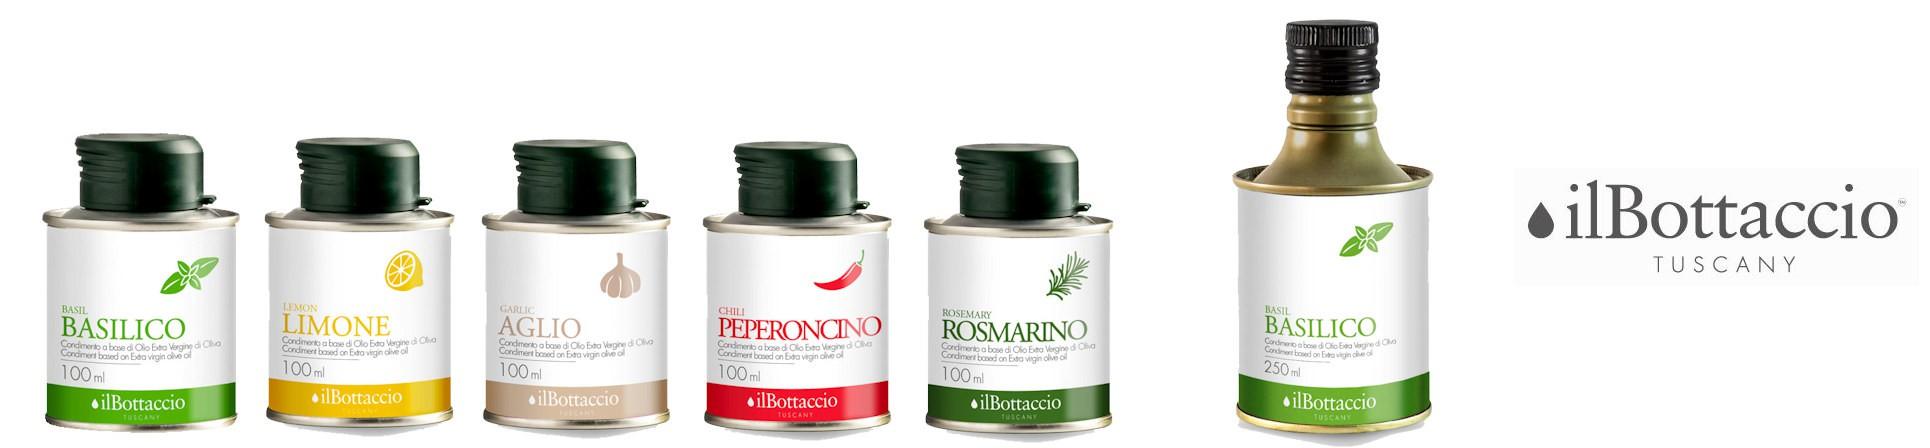 Infusi di olio evo vendita online - il Bottaccio Tuscany